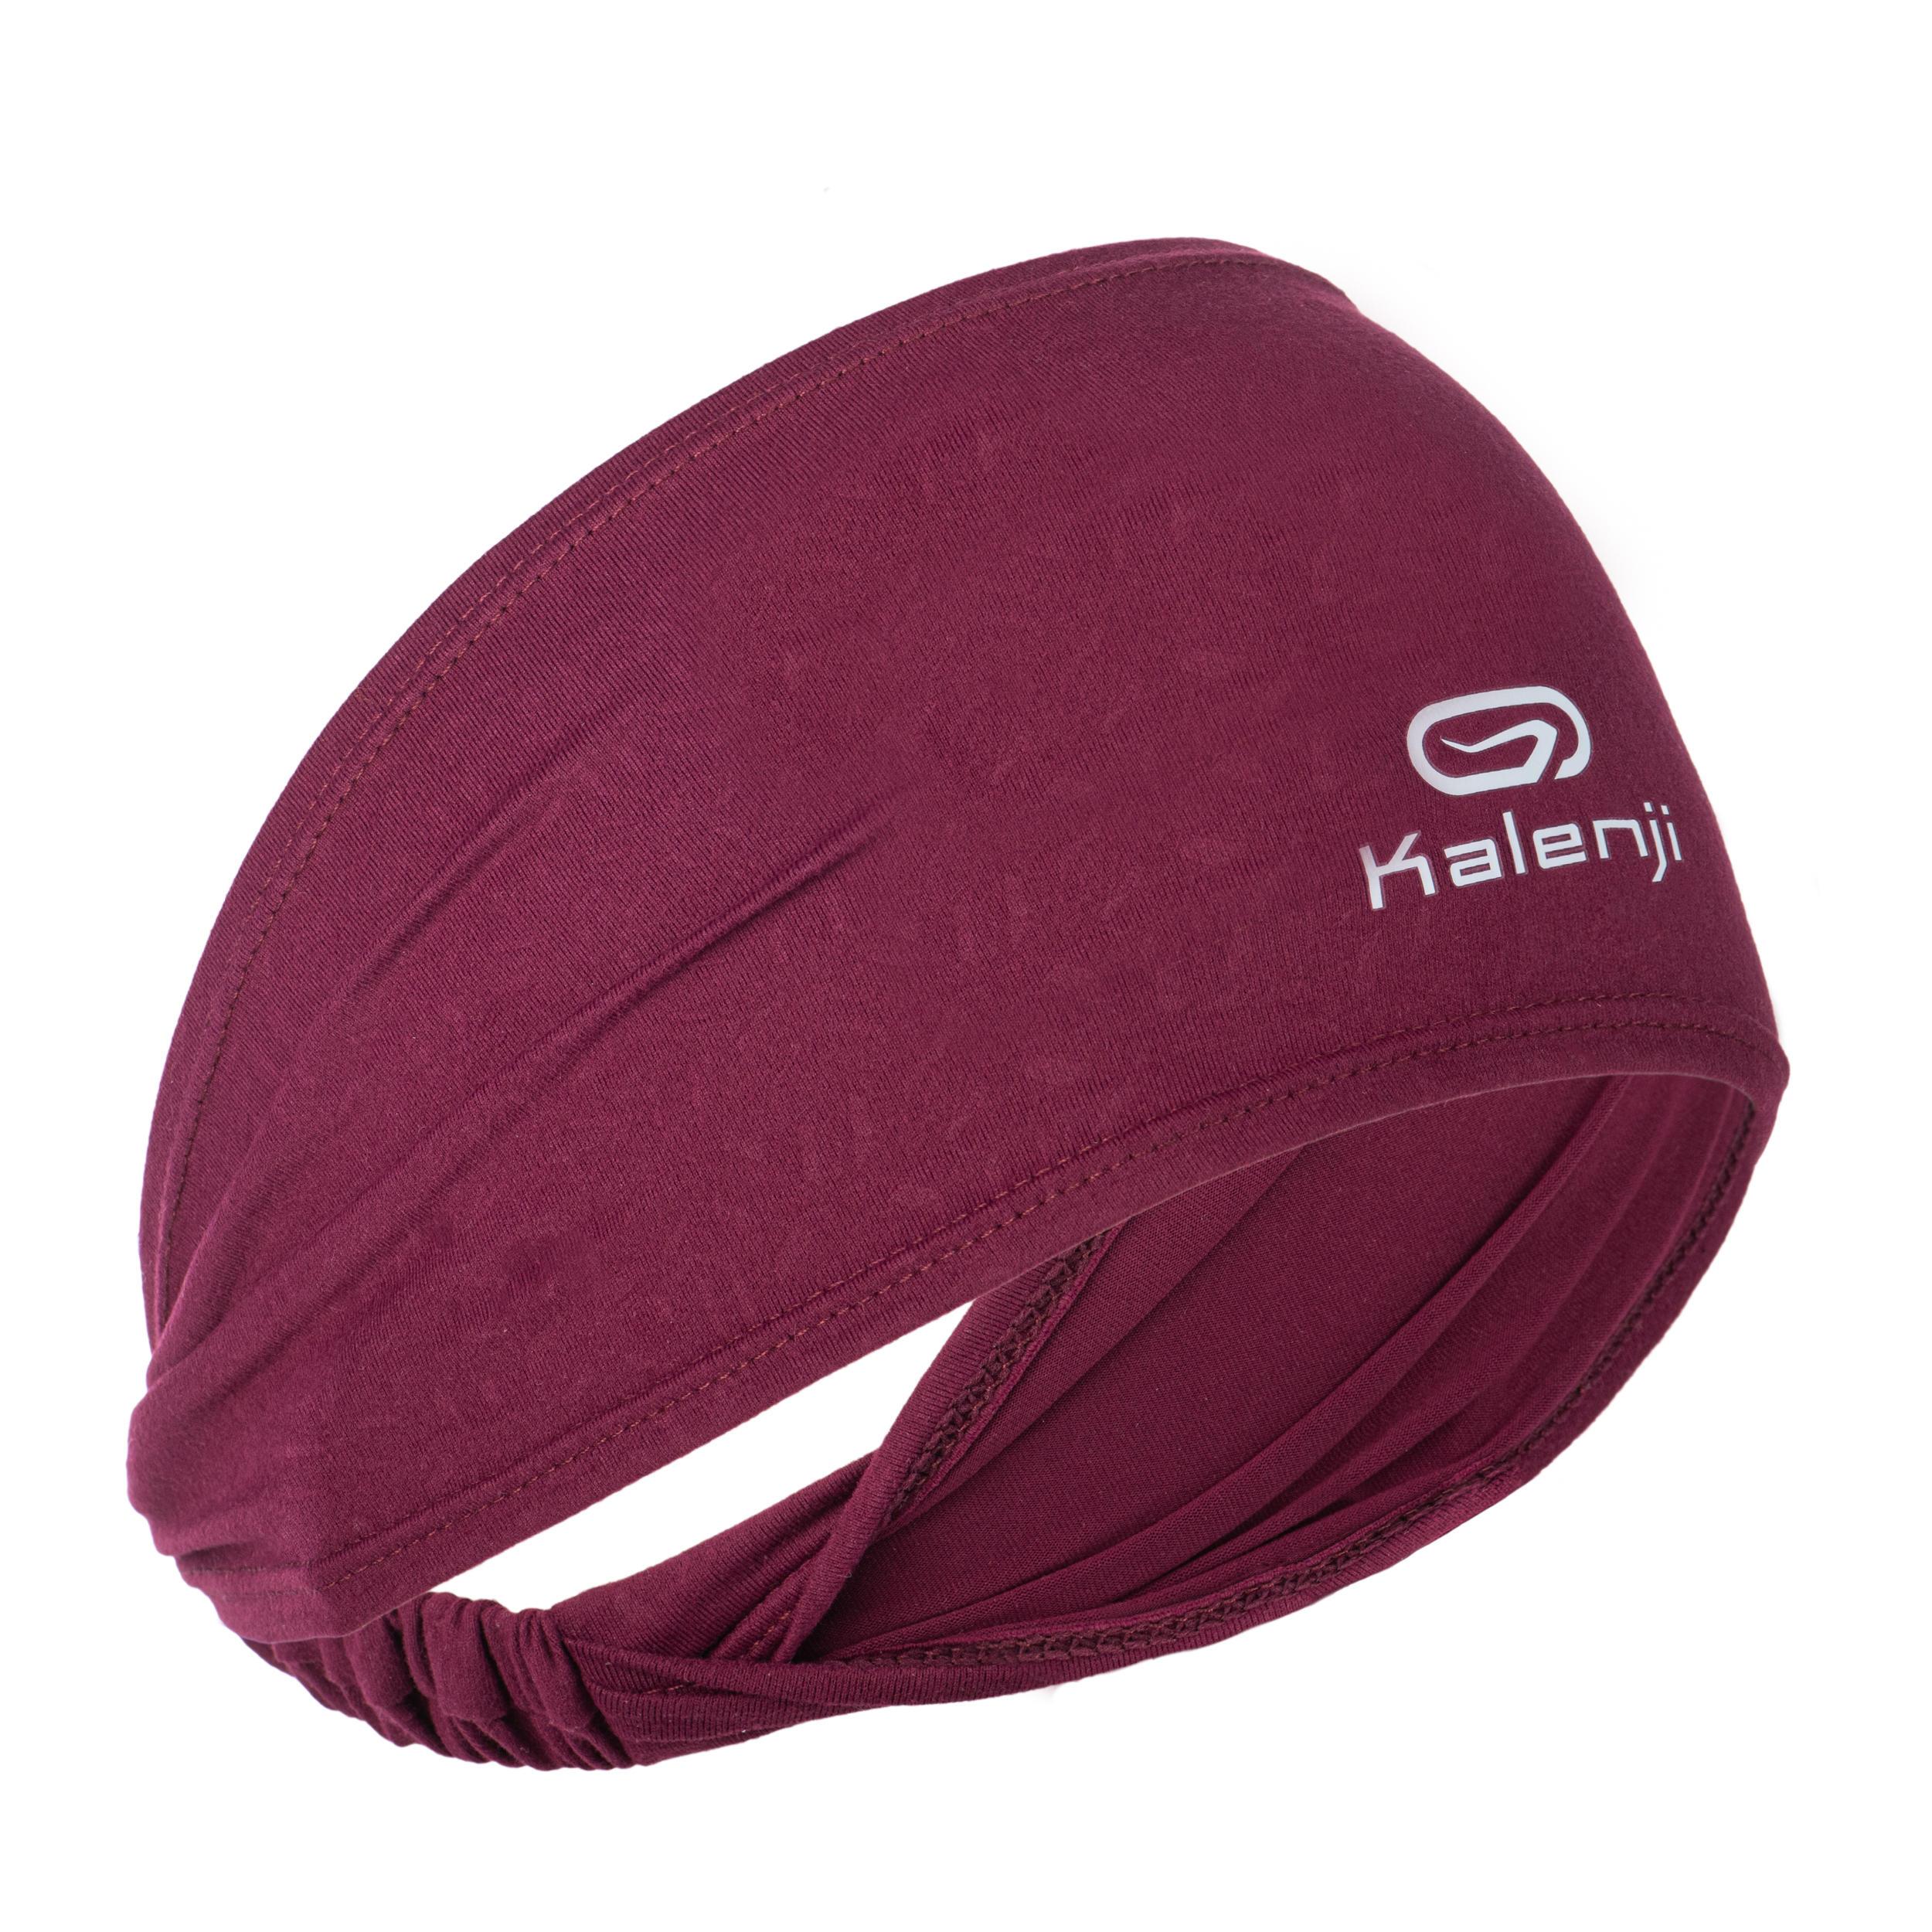 Stirnband//Schirm schützt vor Wind und Sonne in 6 Farben